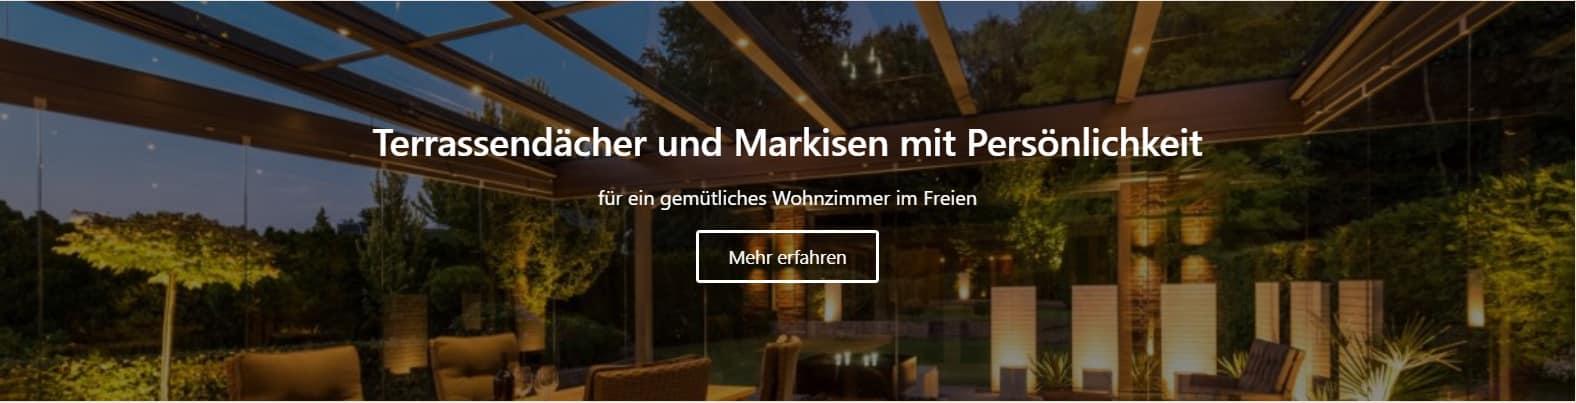 Terassendächer und Markisen in Bad Bentheim vom Tischler